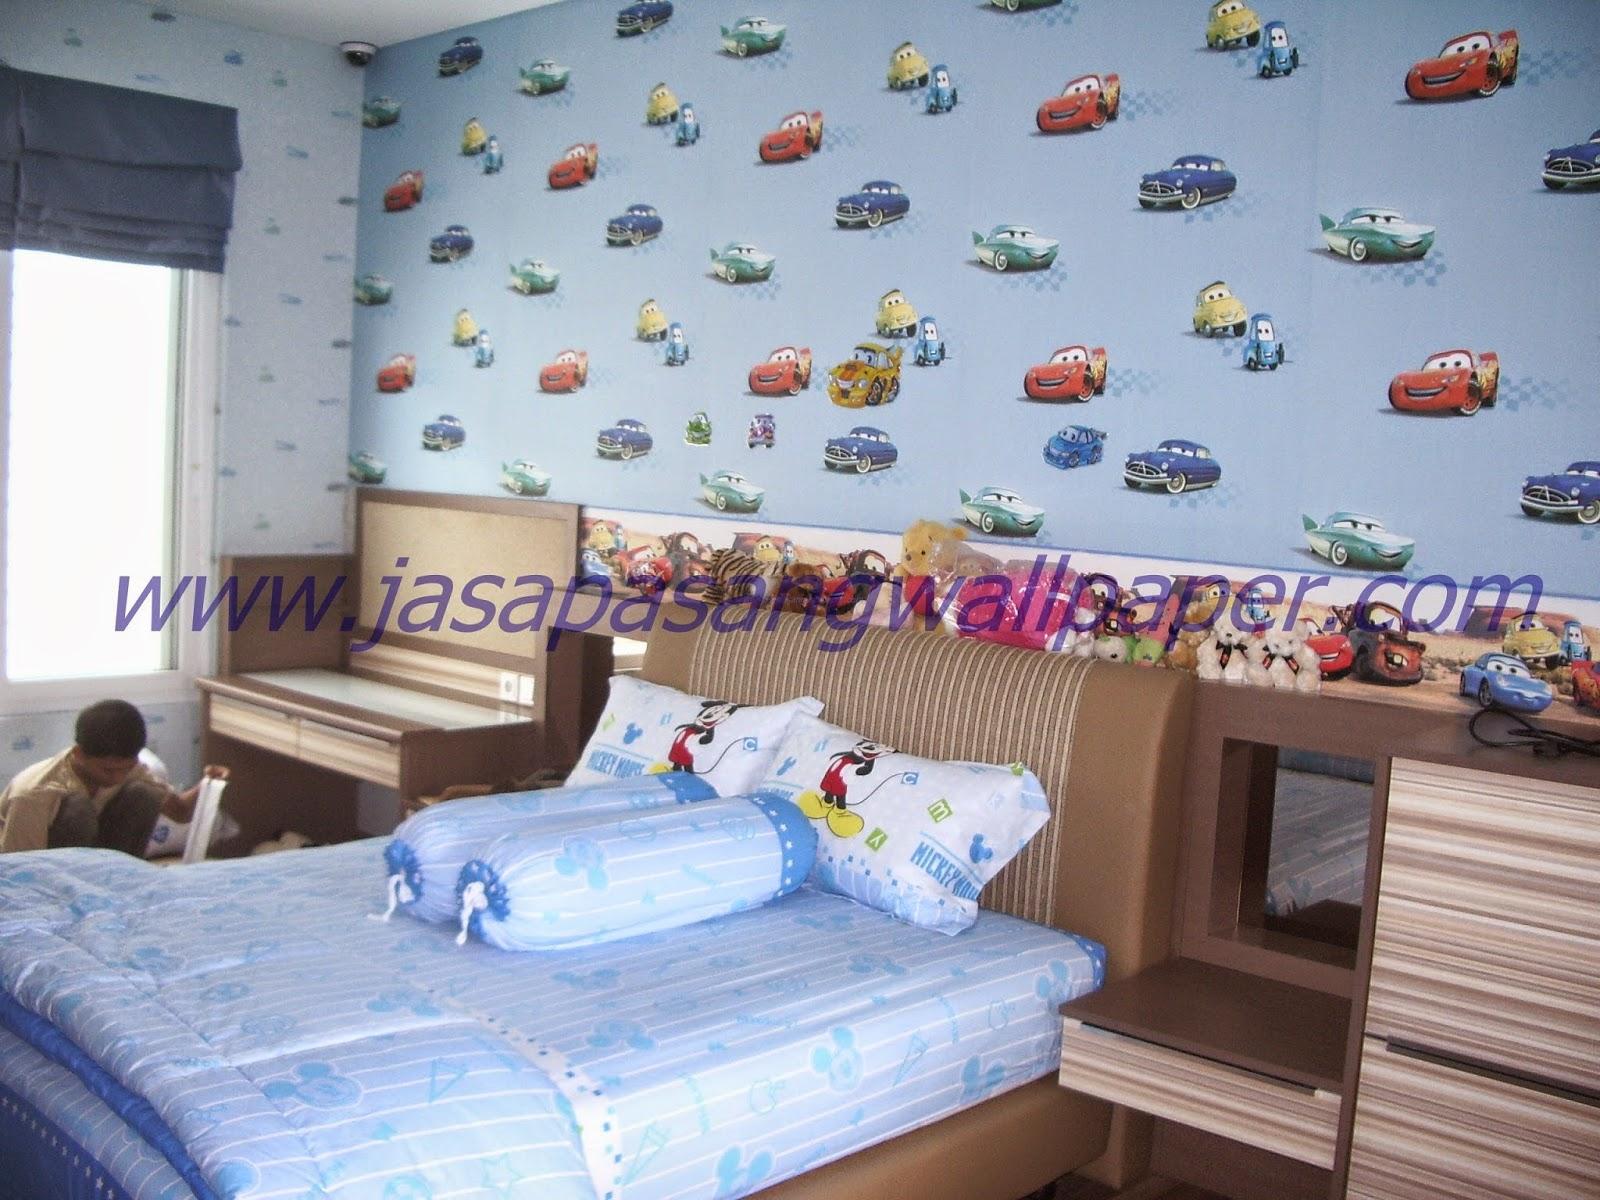 103 Jual Wallpaper Dinding Kamar Anak Jakarta